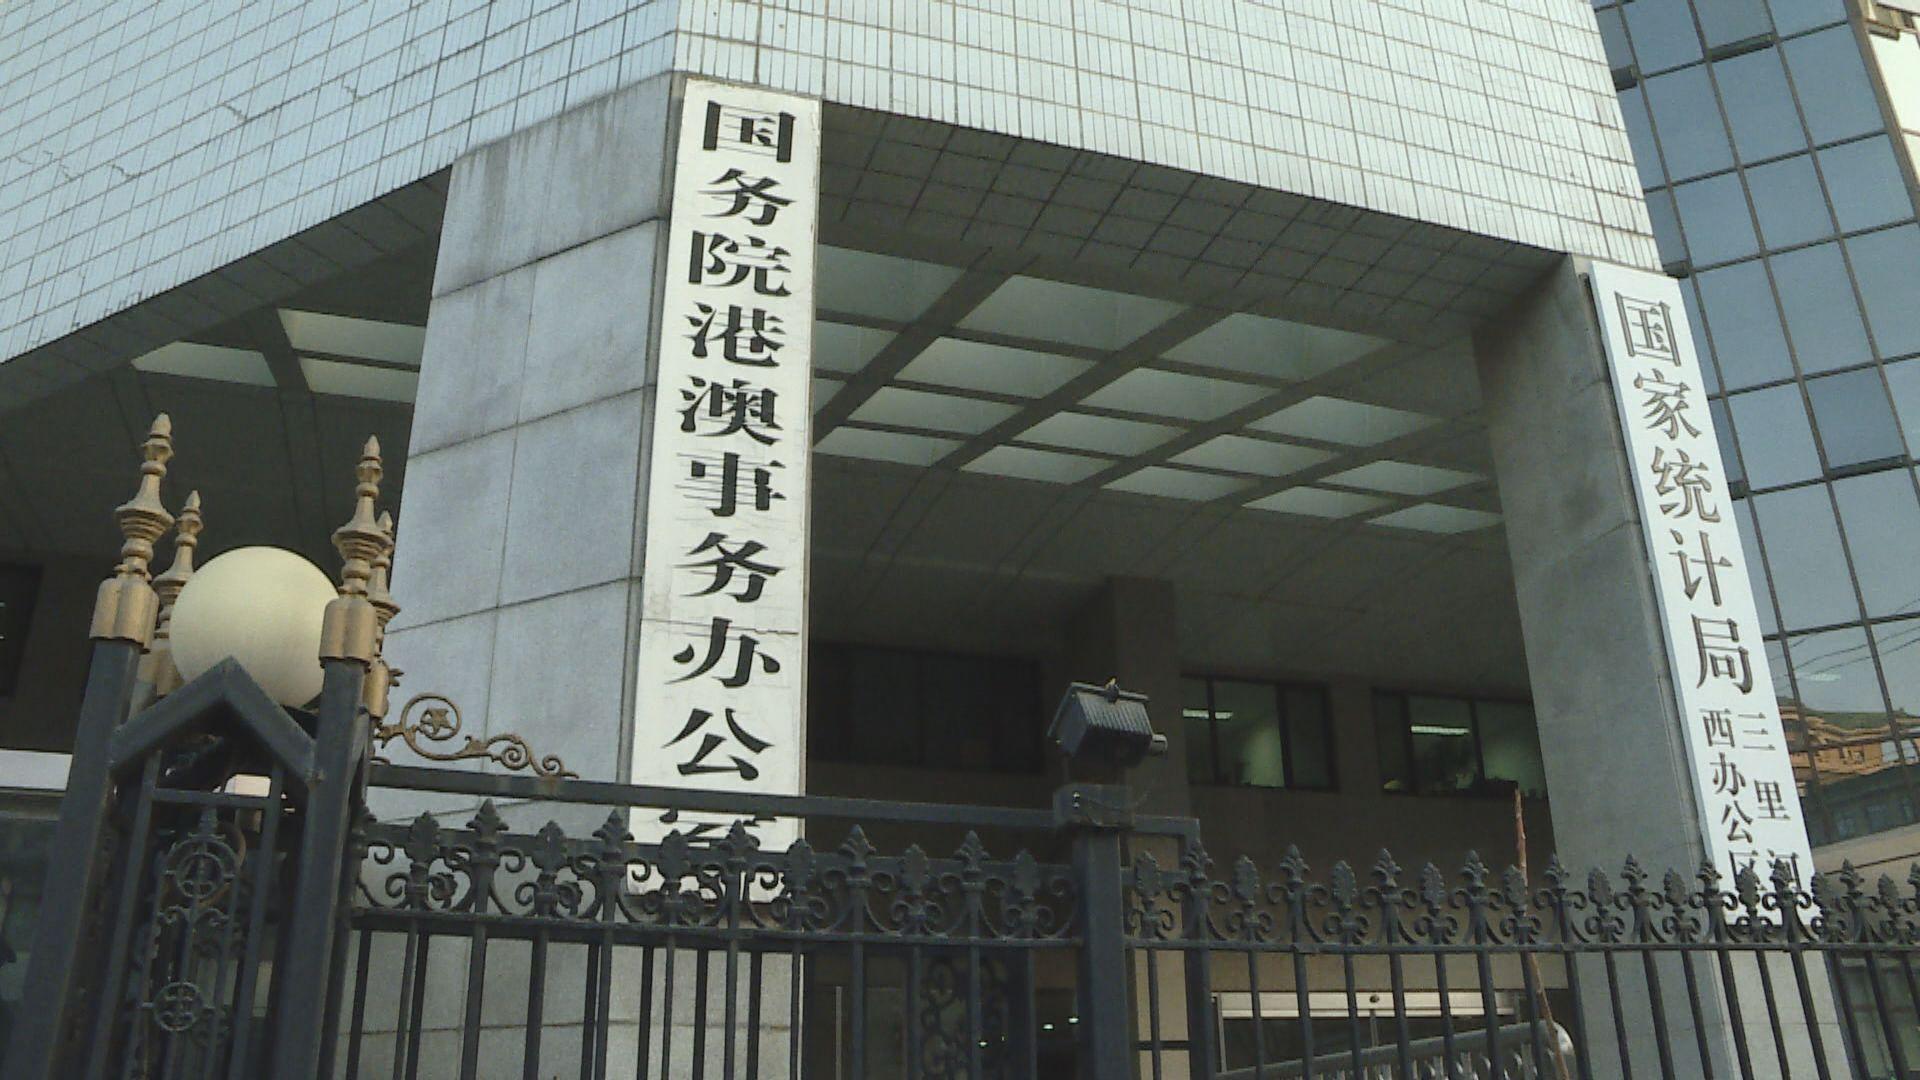 港澳辦:習近平講話是中央對香港止暴制亂最強音